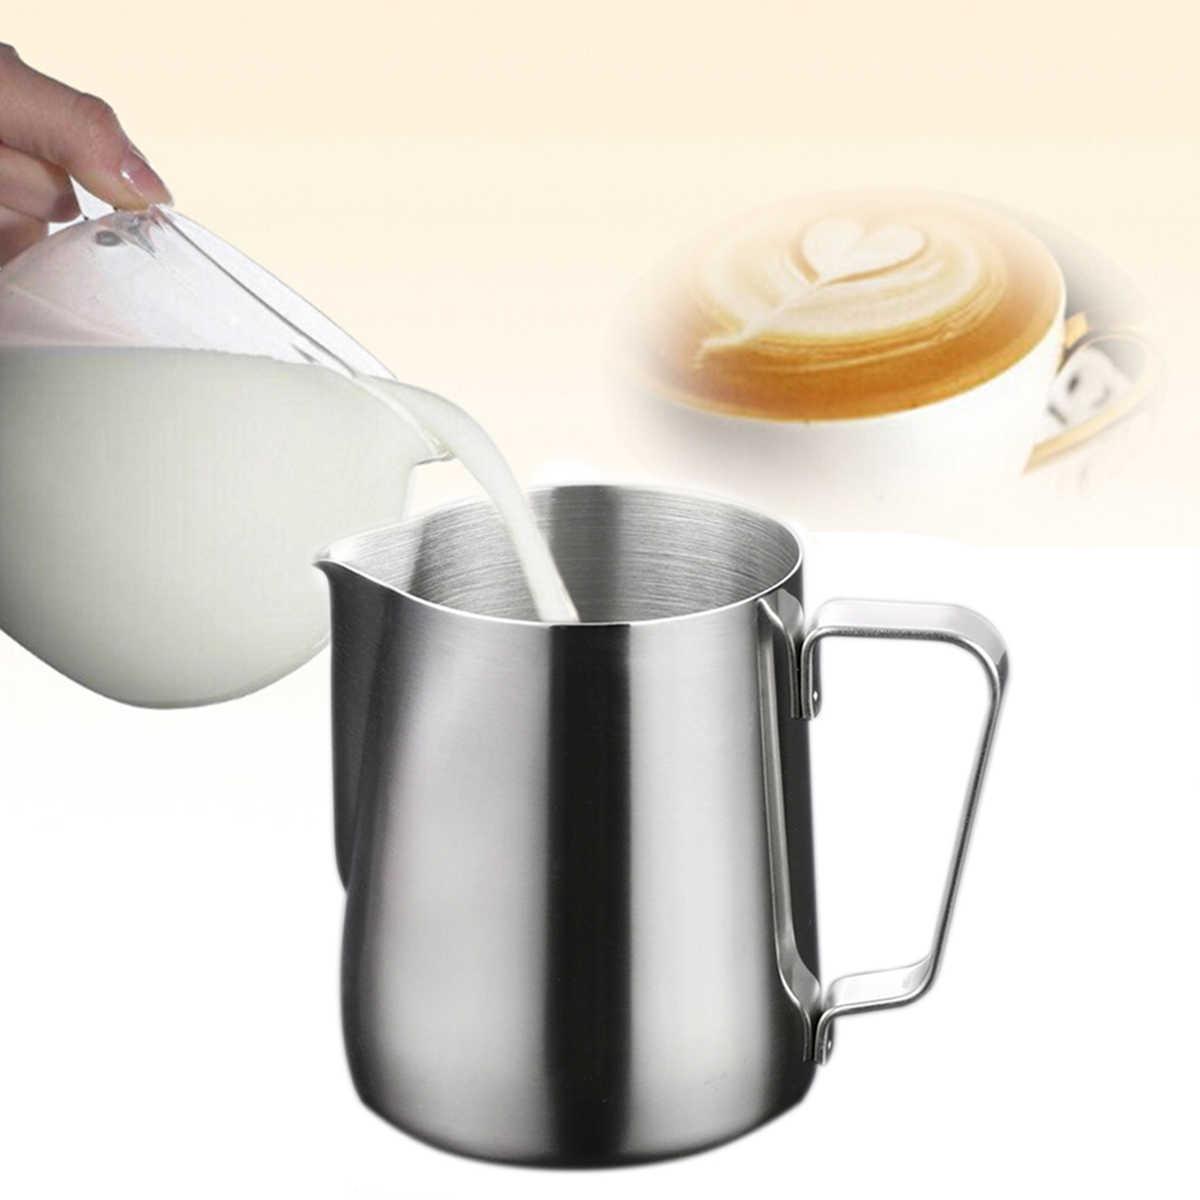 150 мл/1000 мл кружка для взбивания молока латте Pourer капучино кофейник (серебро)